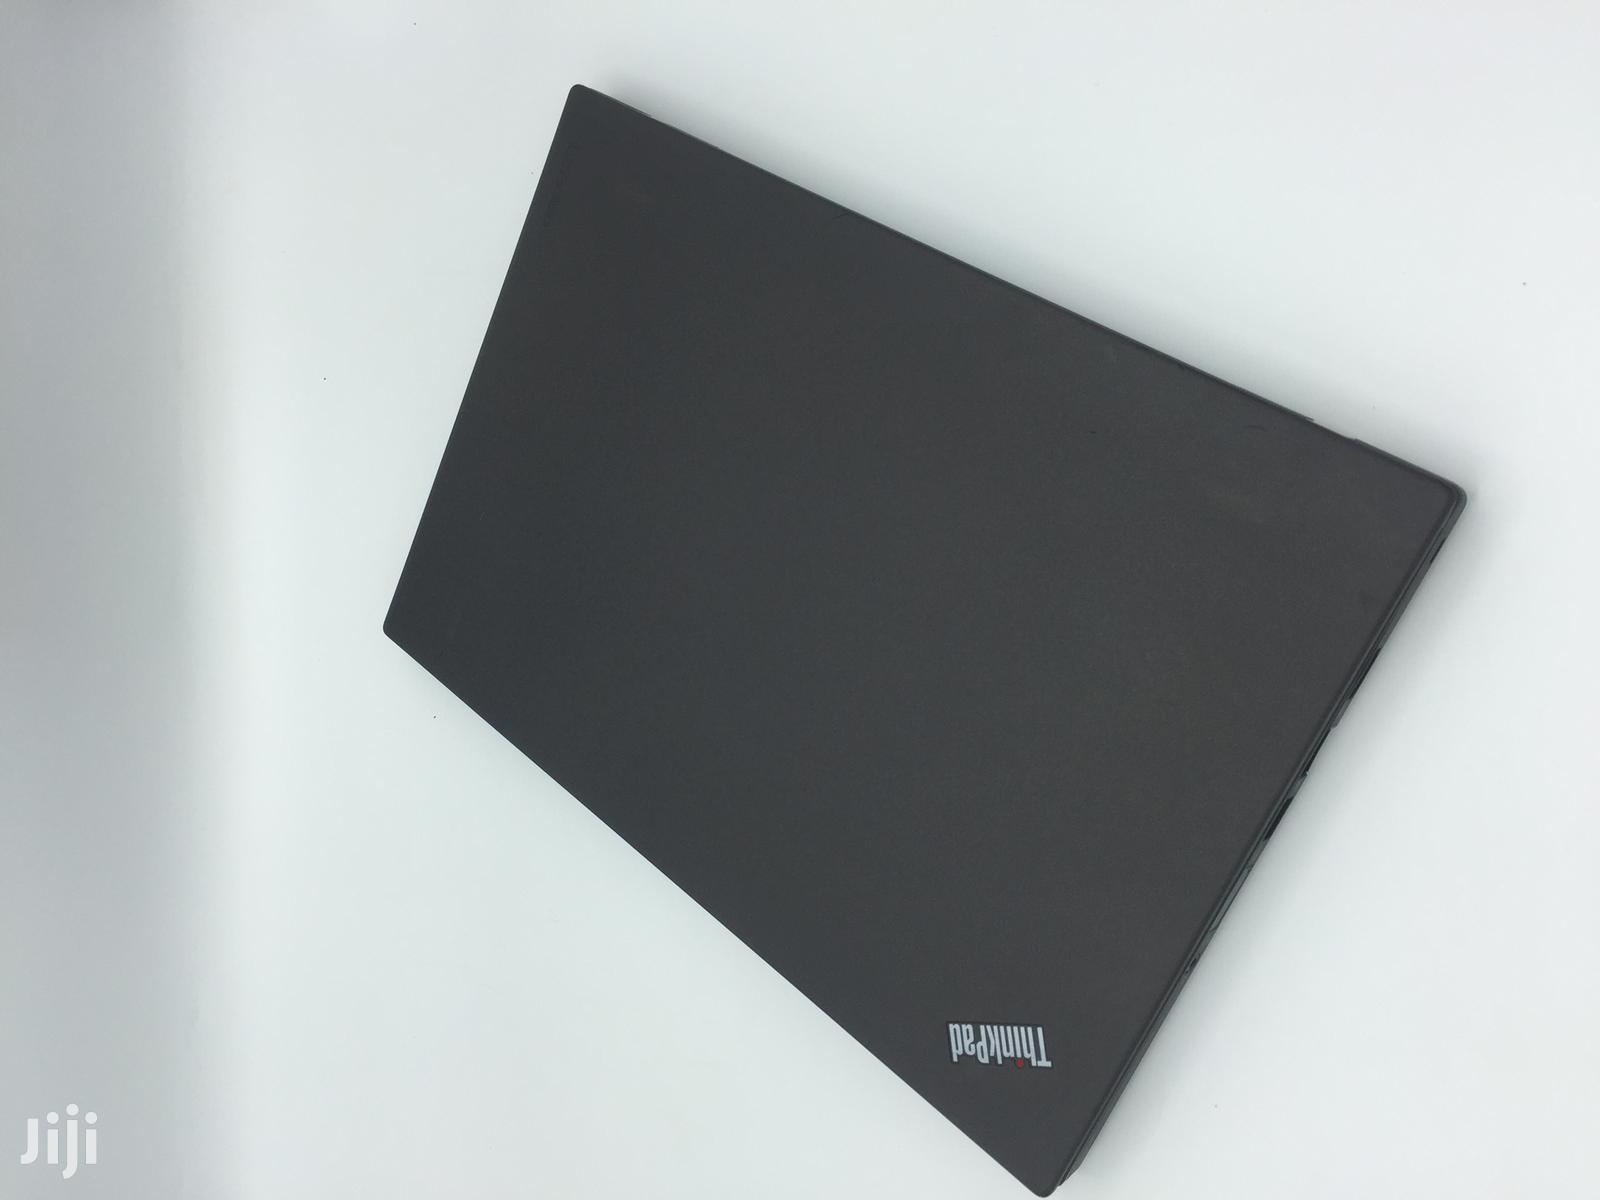 Laptop Lenovo ThinkPad T460 8GB Intel Core I5 SSHD (Hybrid) 500GB